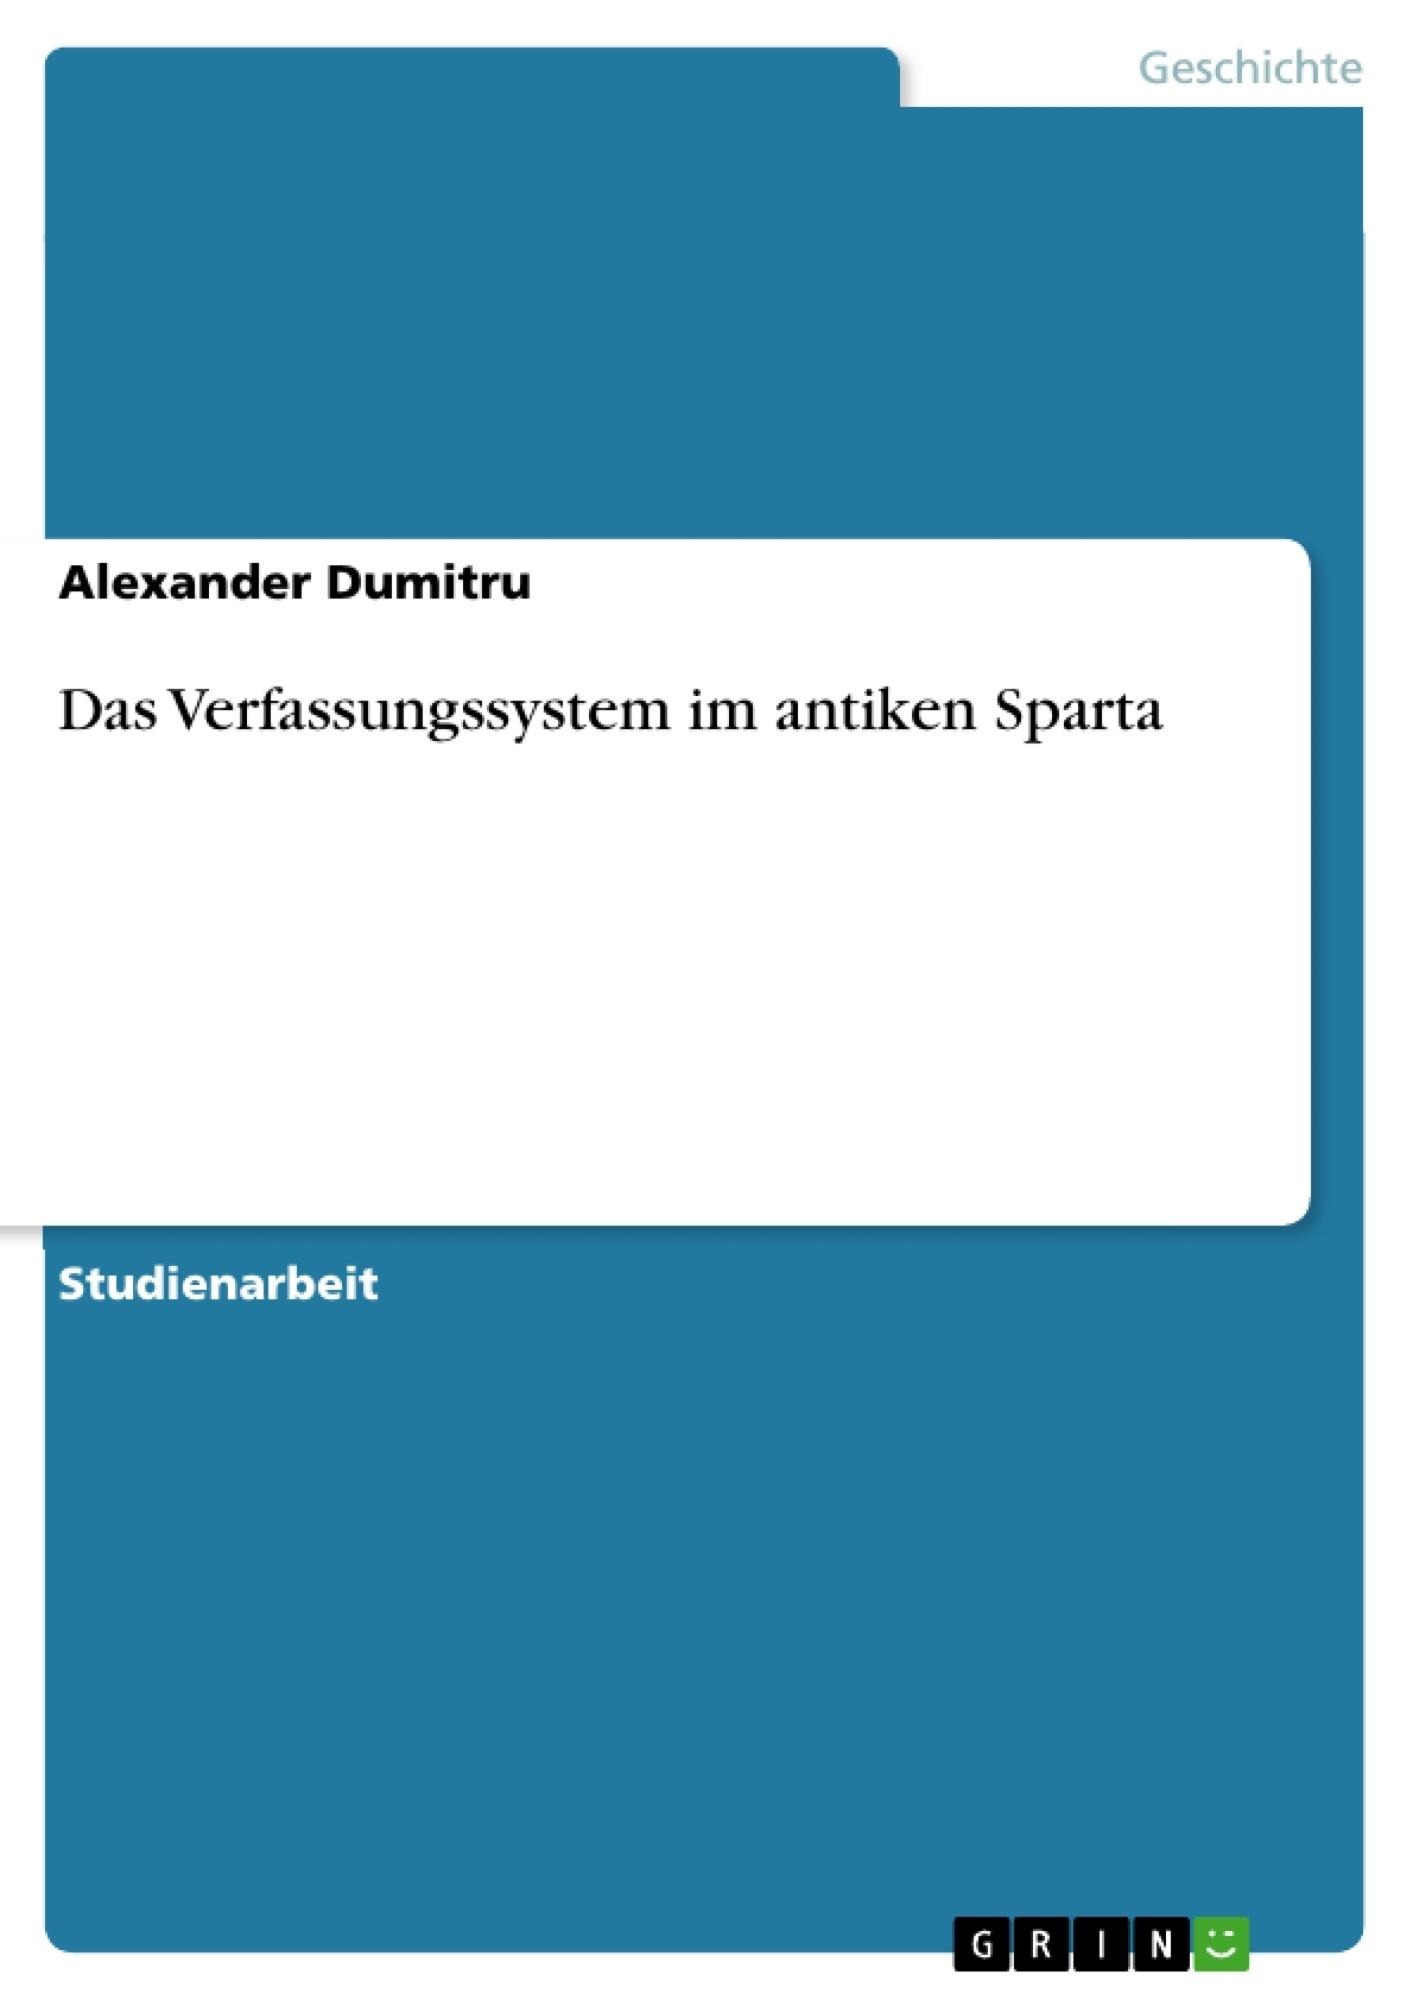 Titel: Das Verfassungssystem im antiken Sparta